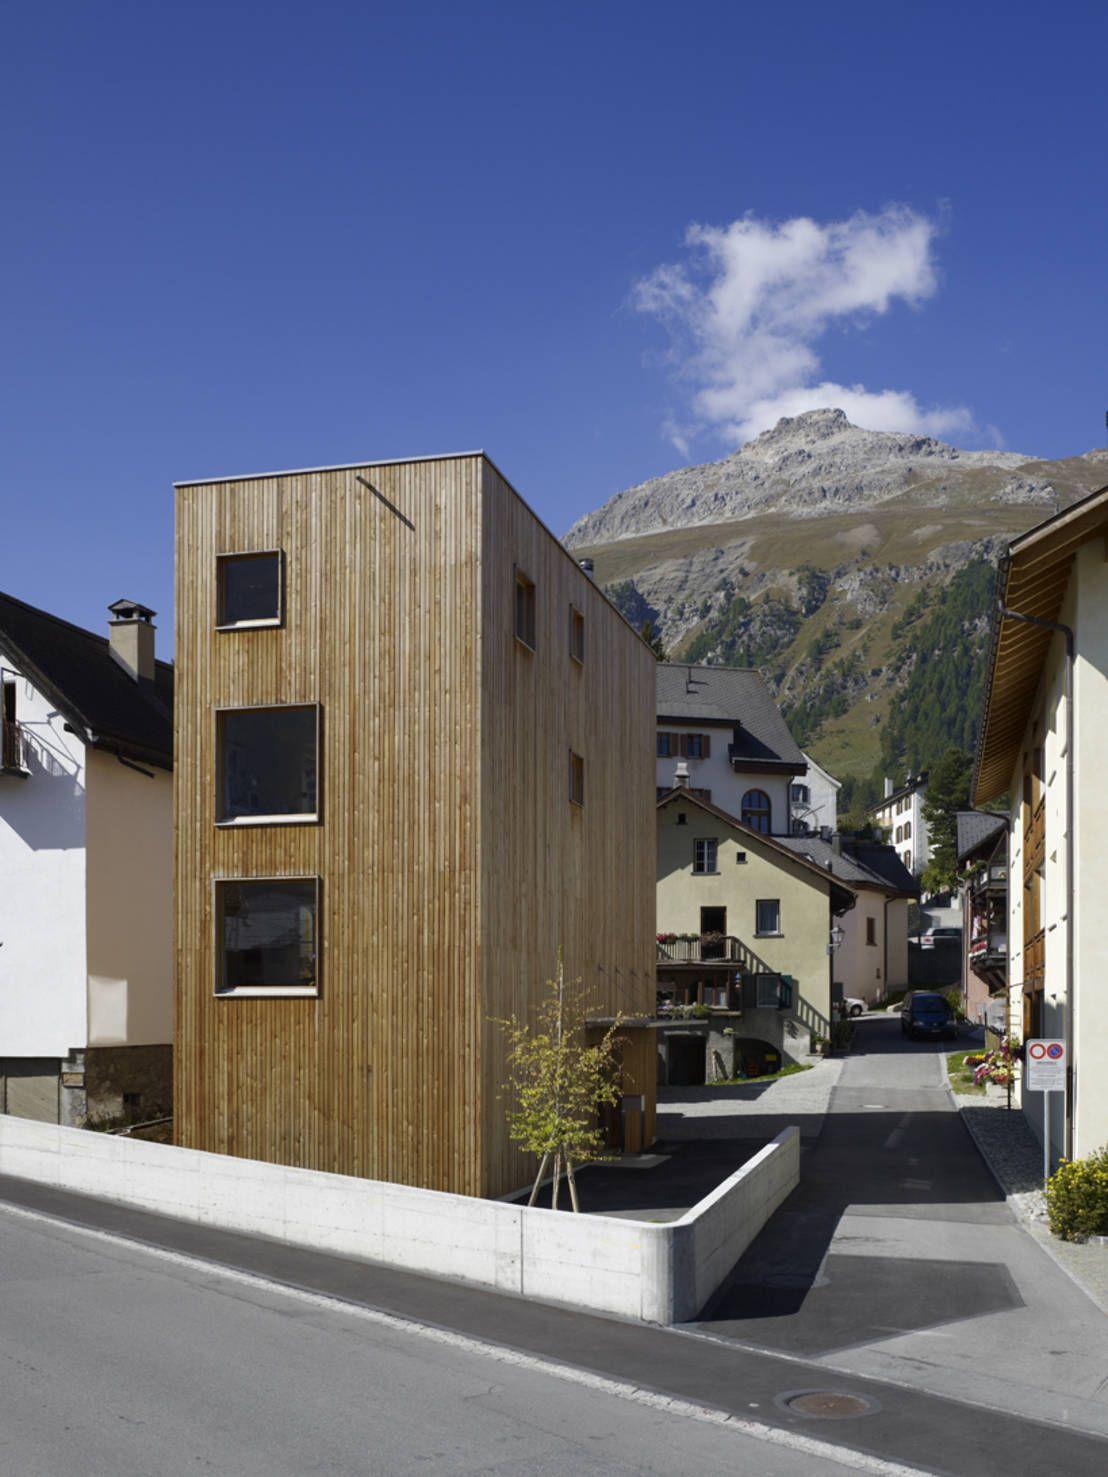 360° Wohnturm aus Holz in Graubünden My favorite